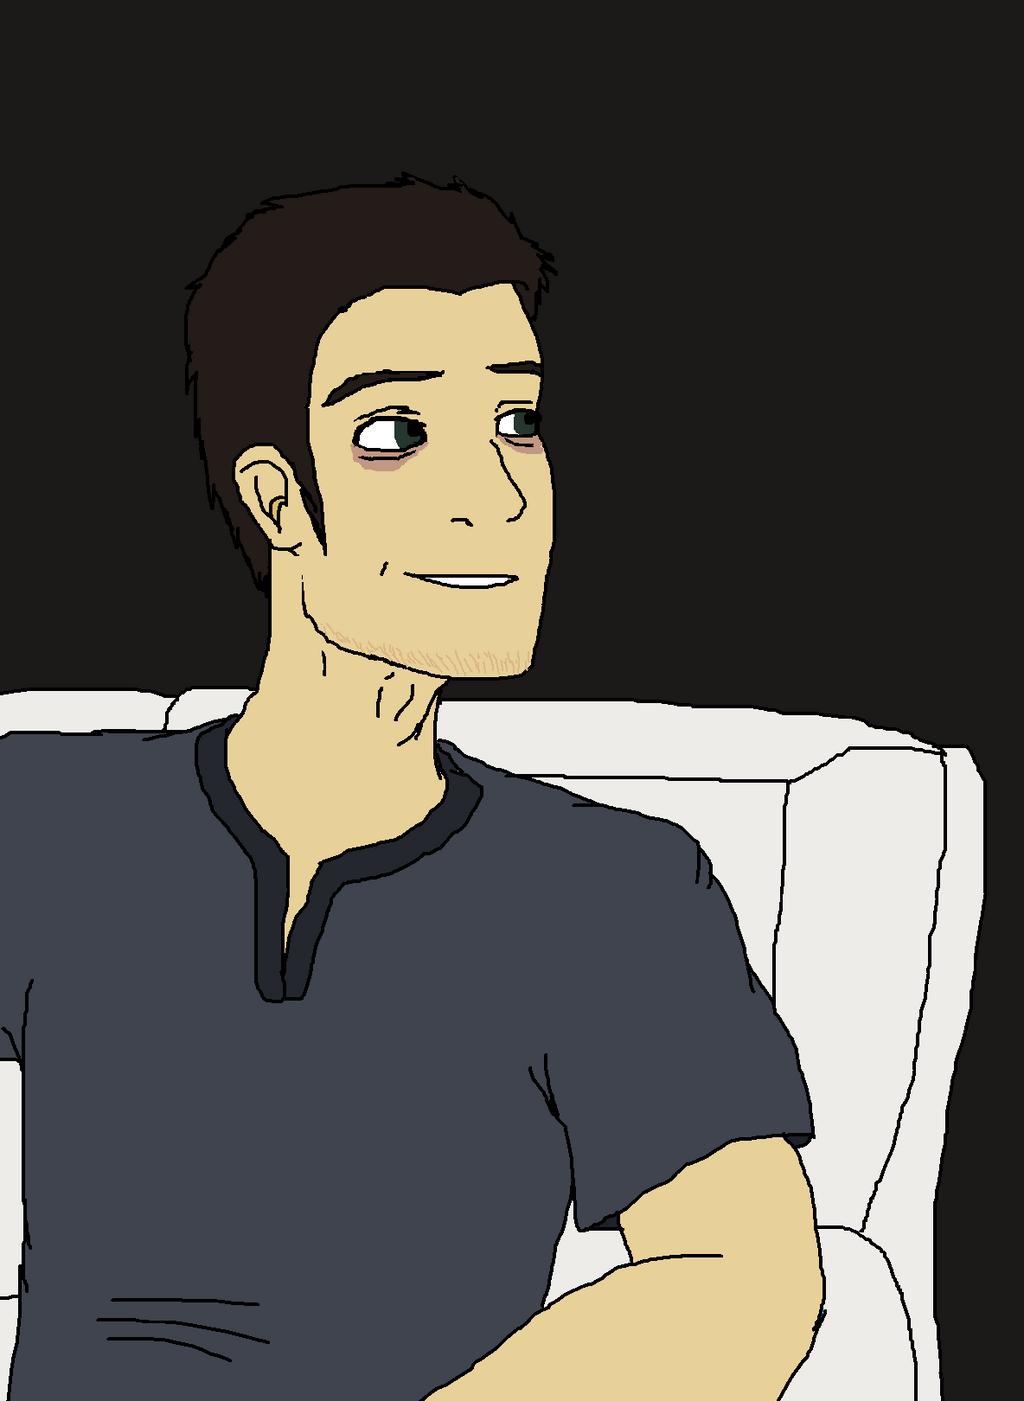 Josh by Redspets